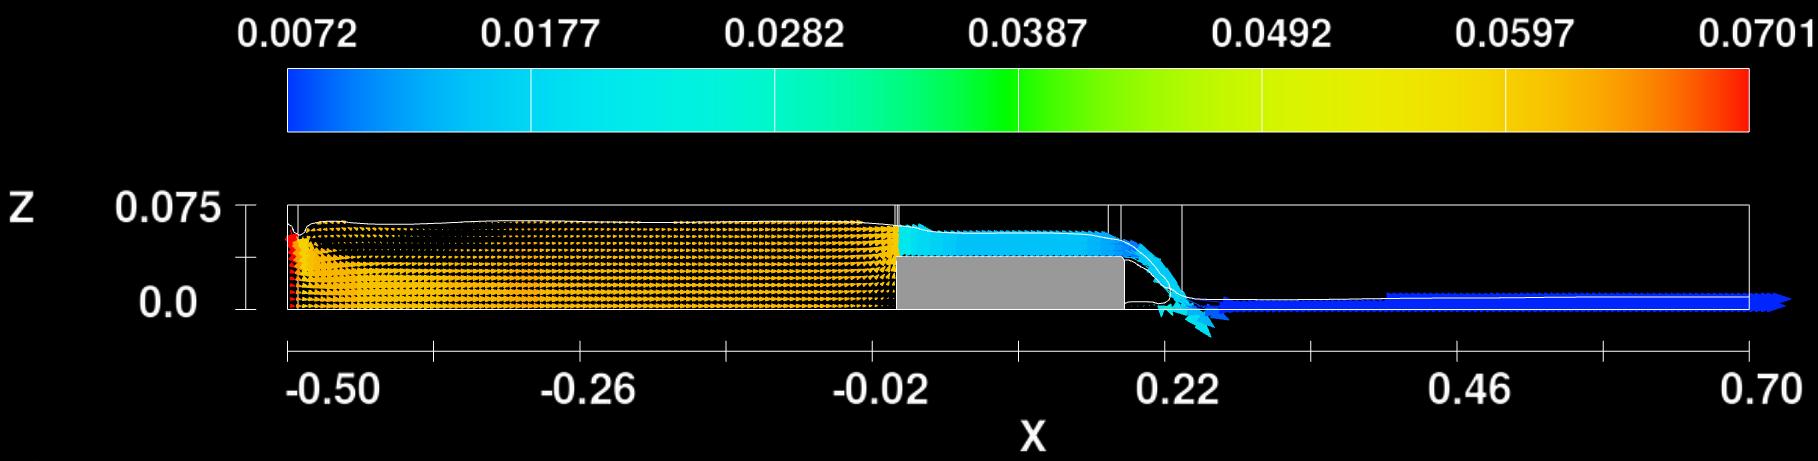 پروژه آماده شبیه سازی سرریز ذوزنقه ای با نرم افزار Flow-3D - کد 83